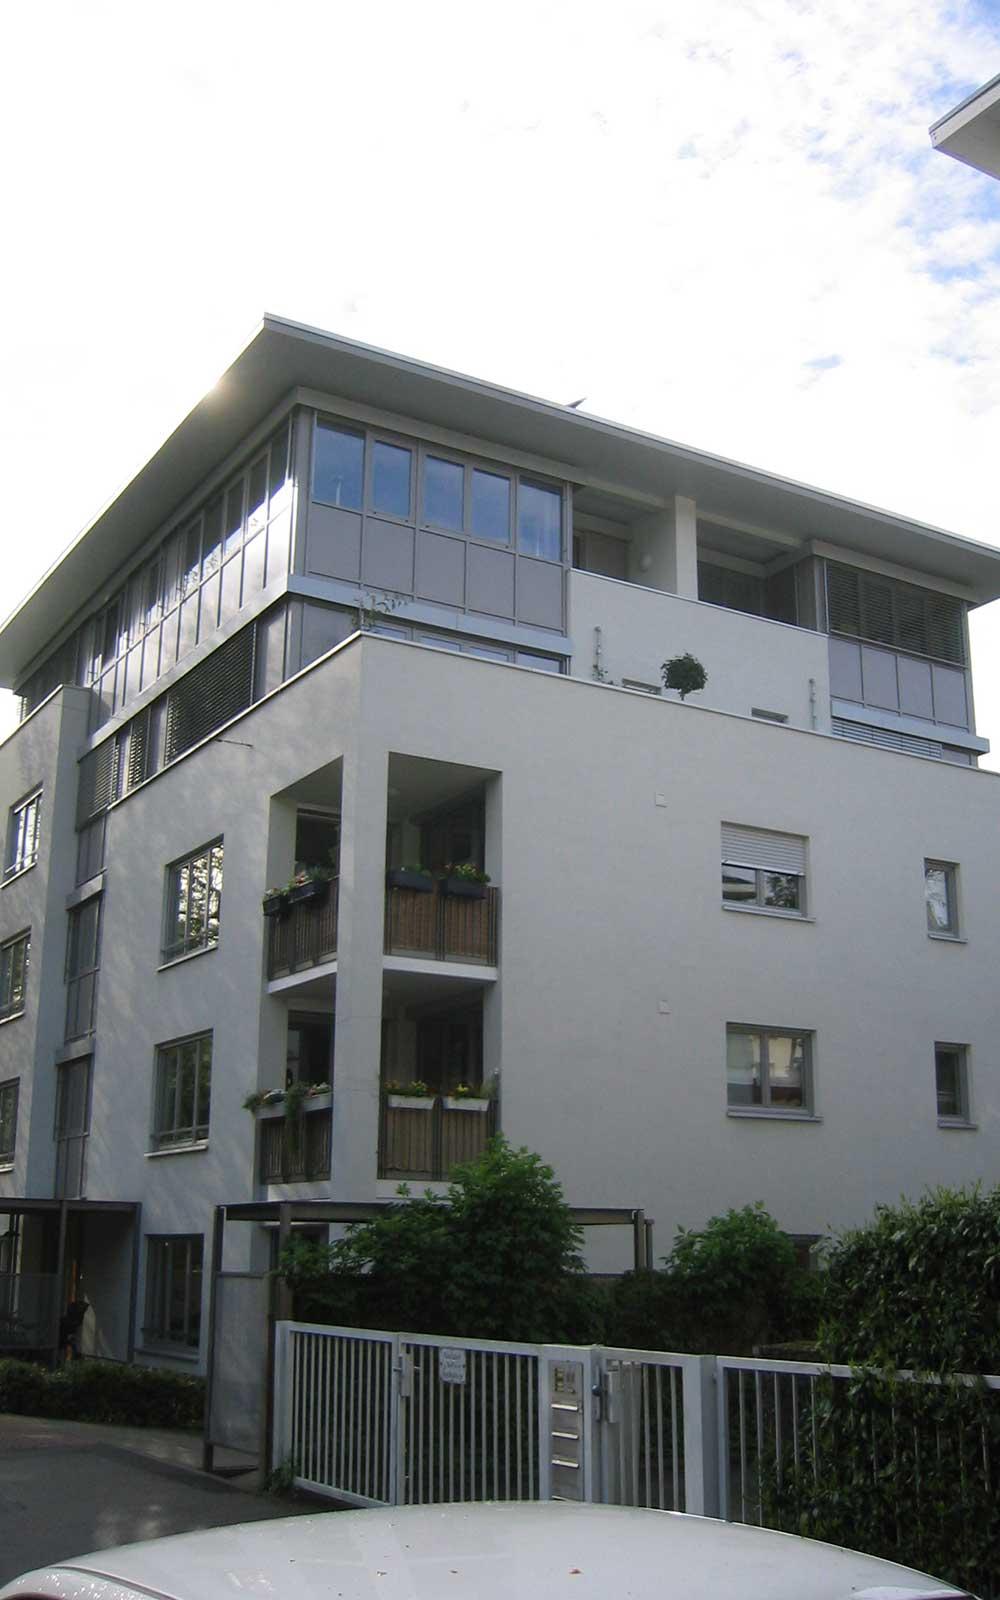 Mehrfamilienhaus Weststadt Heidelberg, Kochhan und Weckbach Architekten